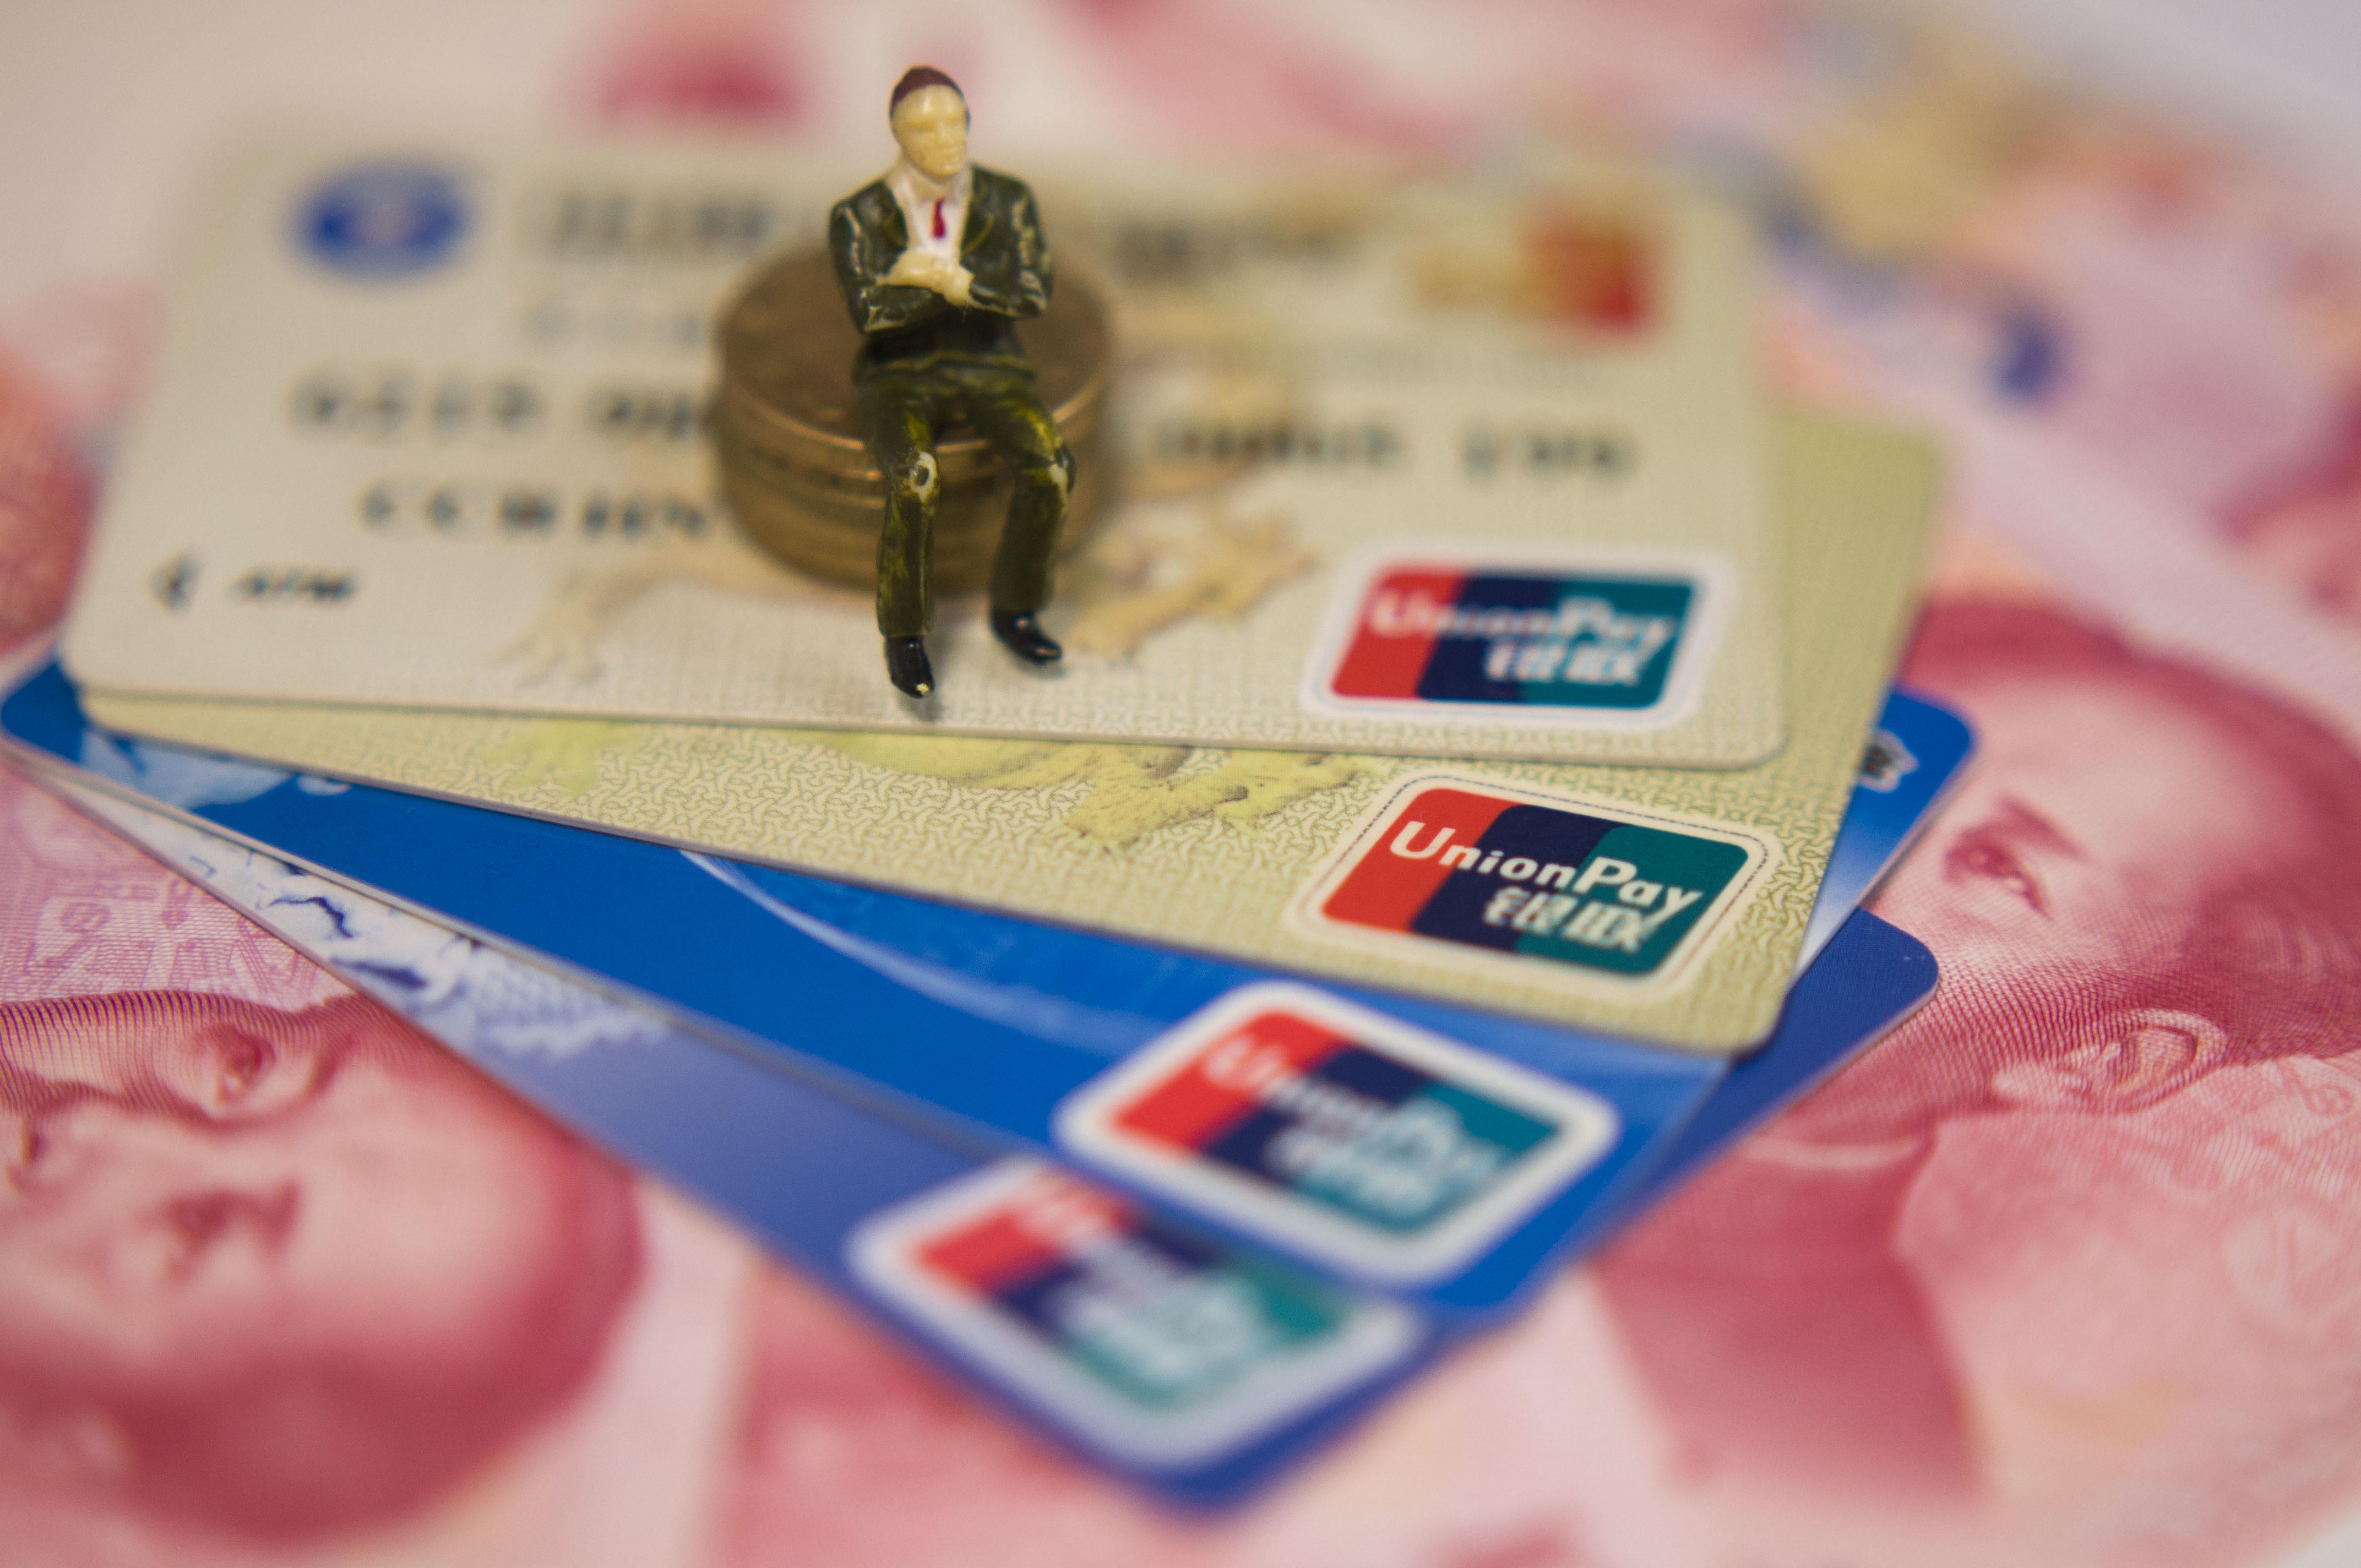 信用卡提额养卡难,中介又开启了新业务,你会去做吗?